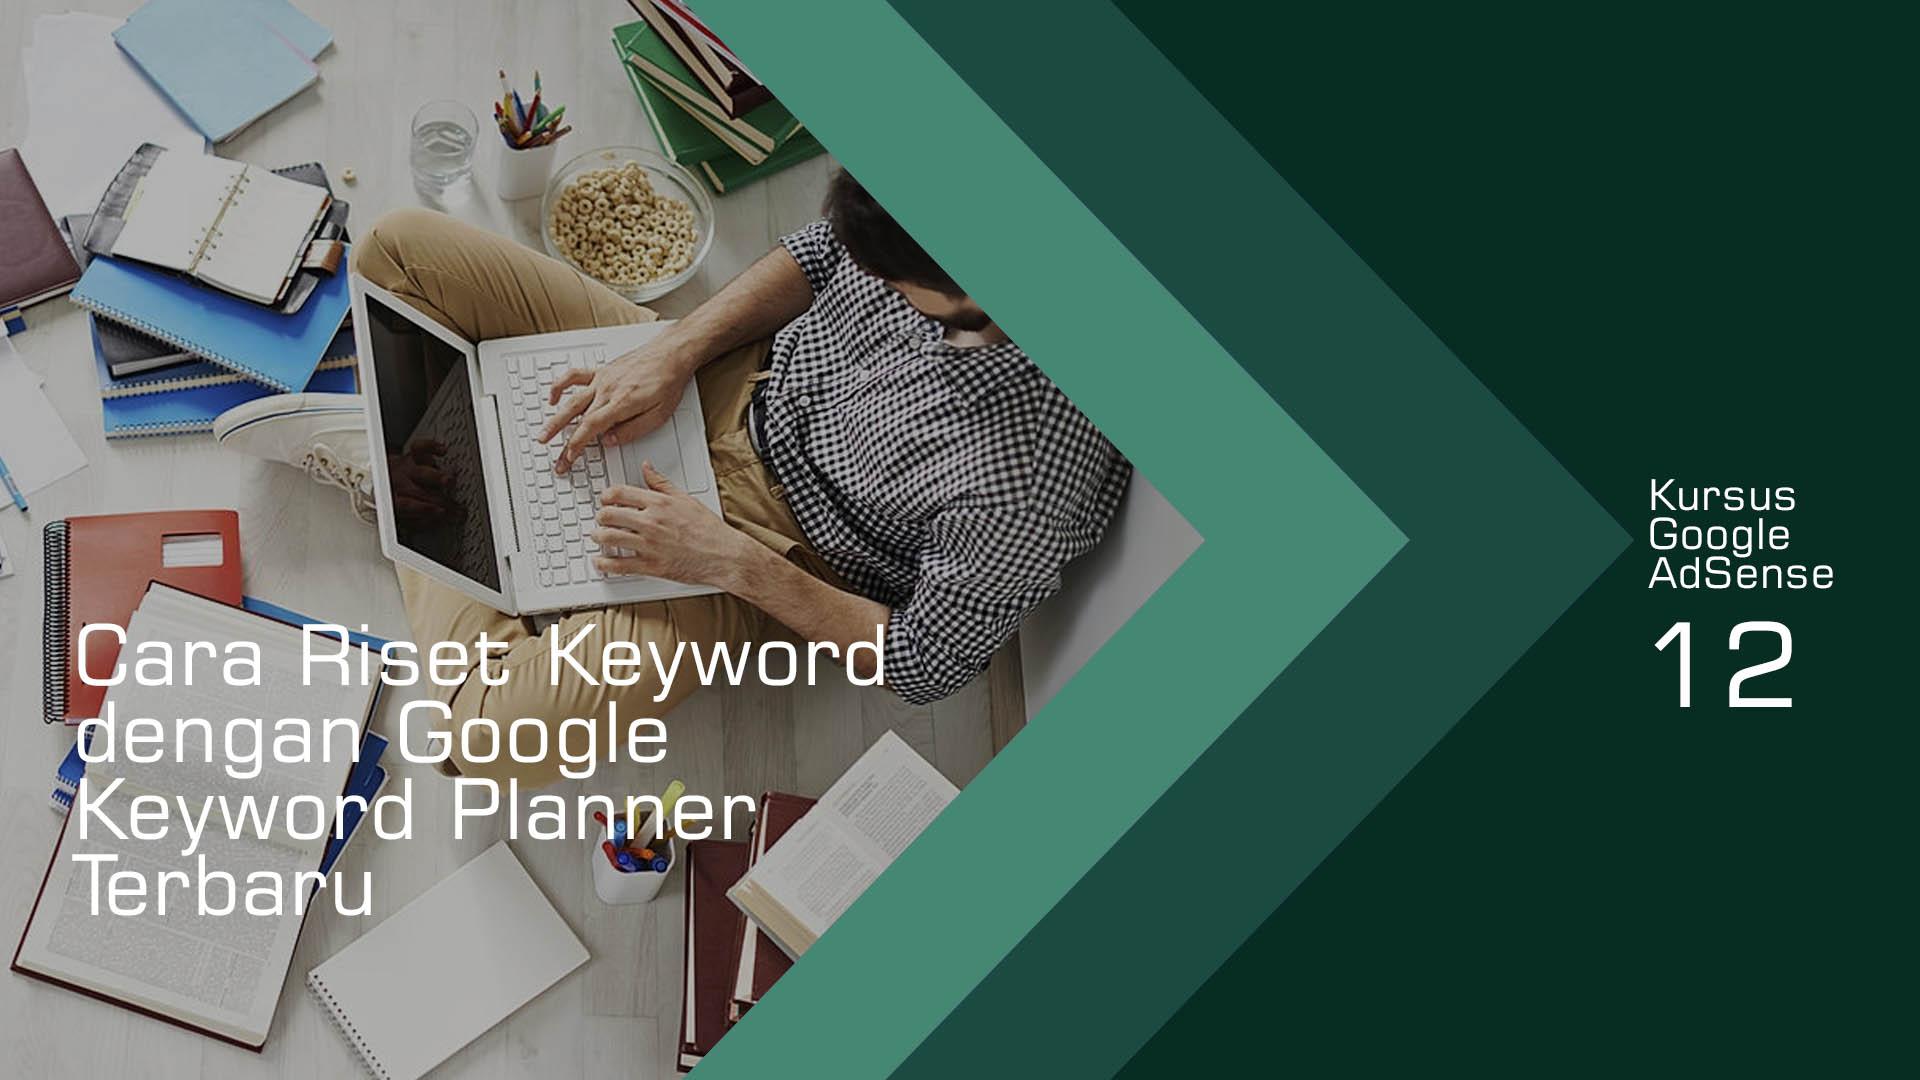 Cara Riset Keyword Dengan Google Keyword Planner Terbaru